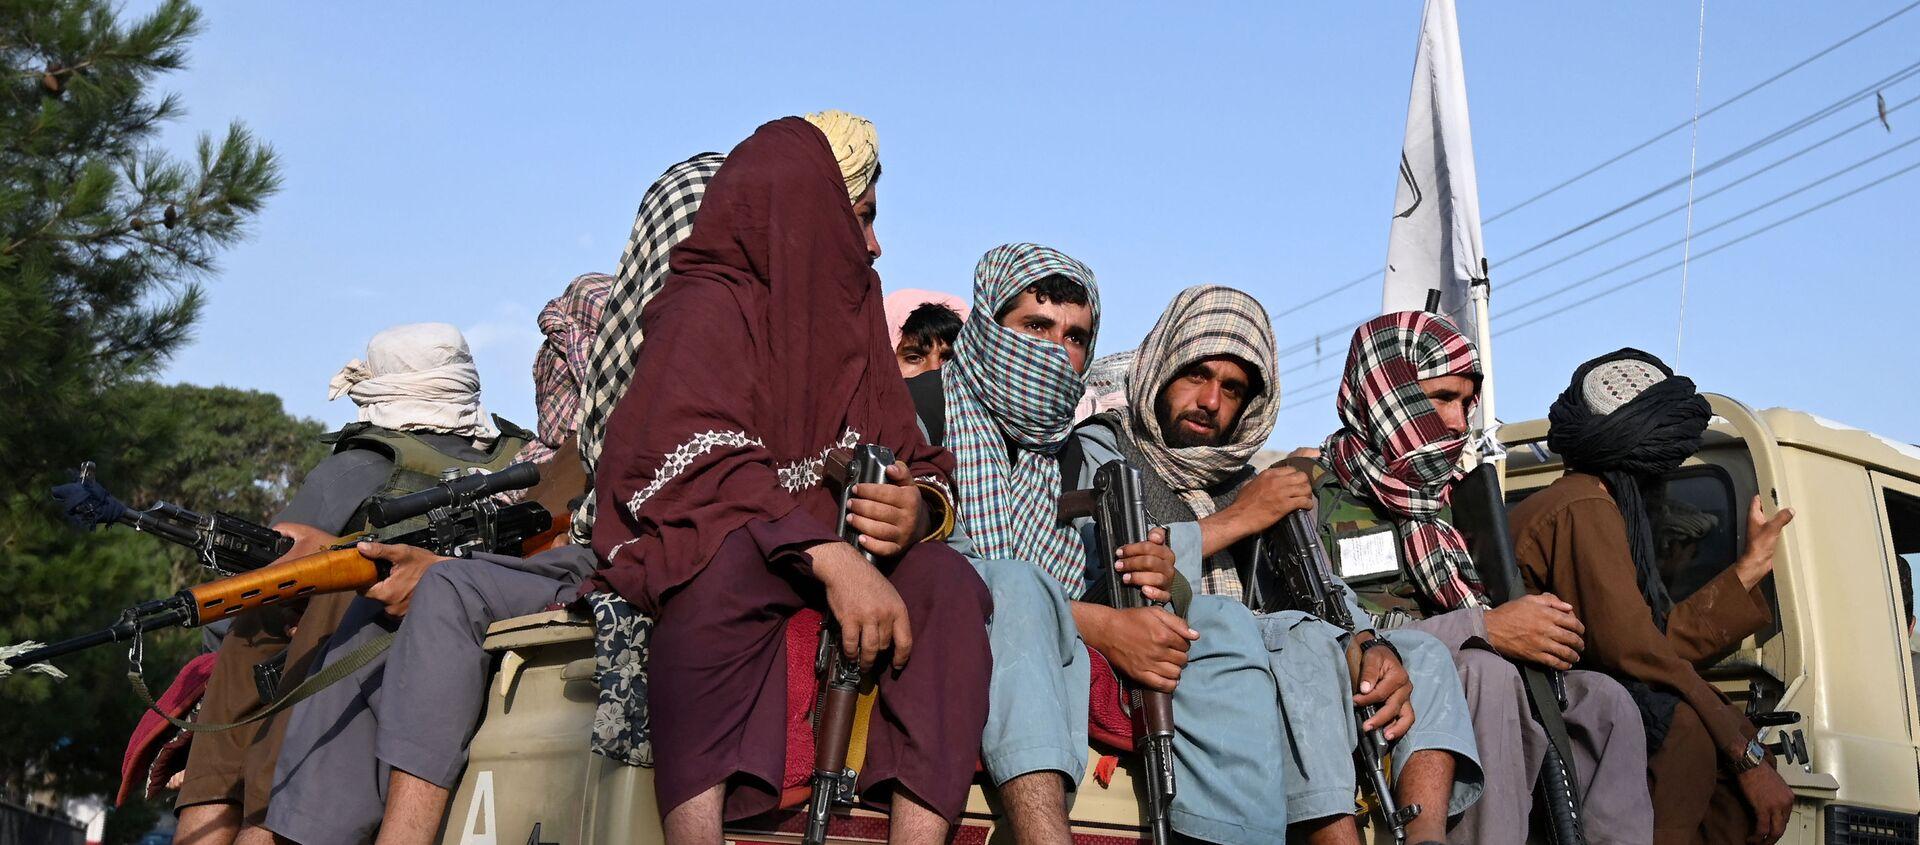 Các chiến binh Taliban * tuần tra đường phố ở Kabul, Afghanistan - Sputnik Việt Nam, 1920, 01.09.2021